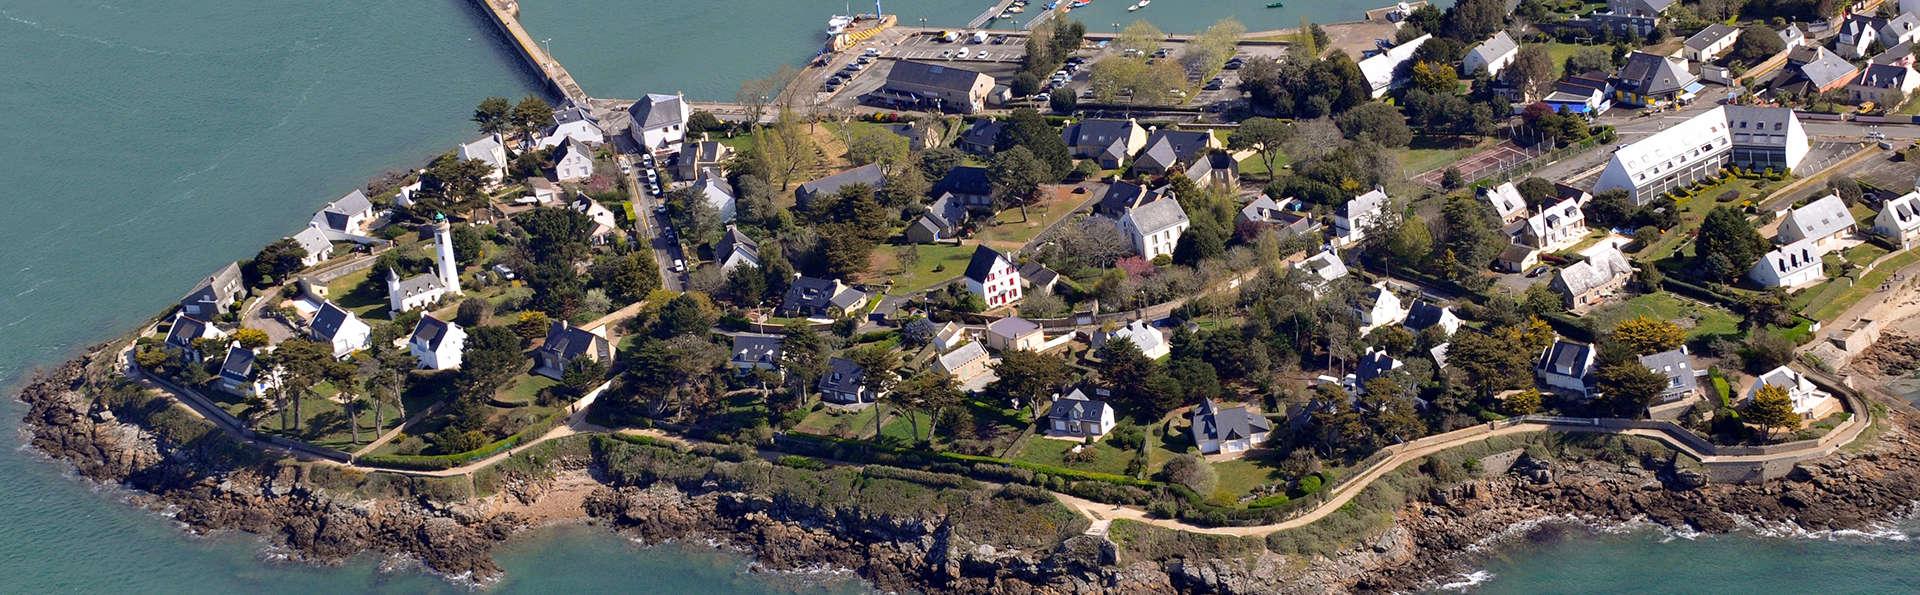 Pierre et Vacances Village Port du Crouesty - Edit_Arzon.jpg